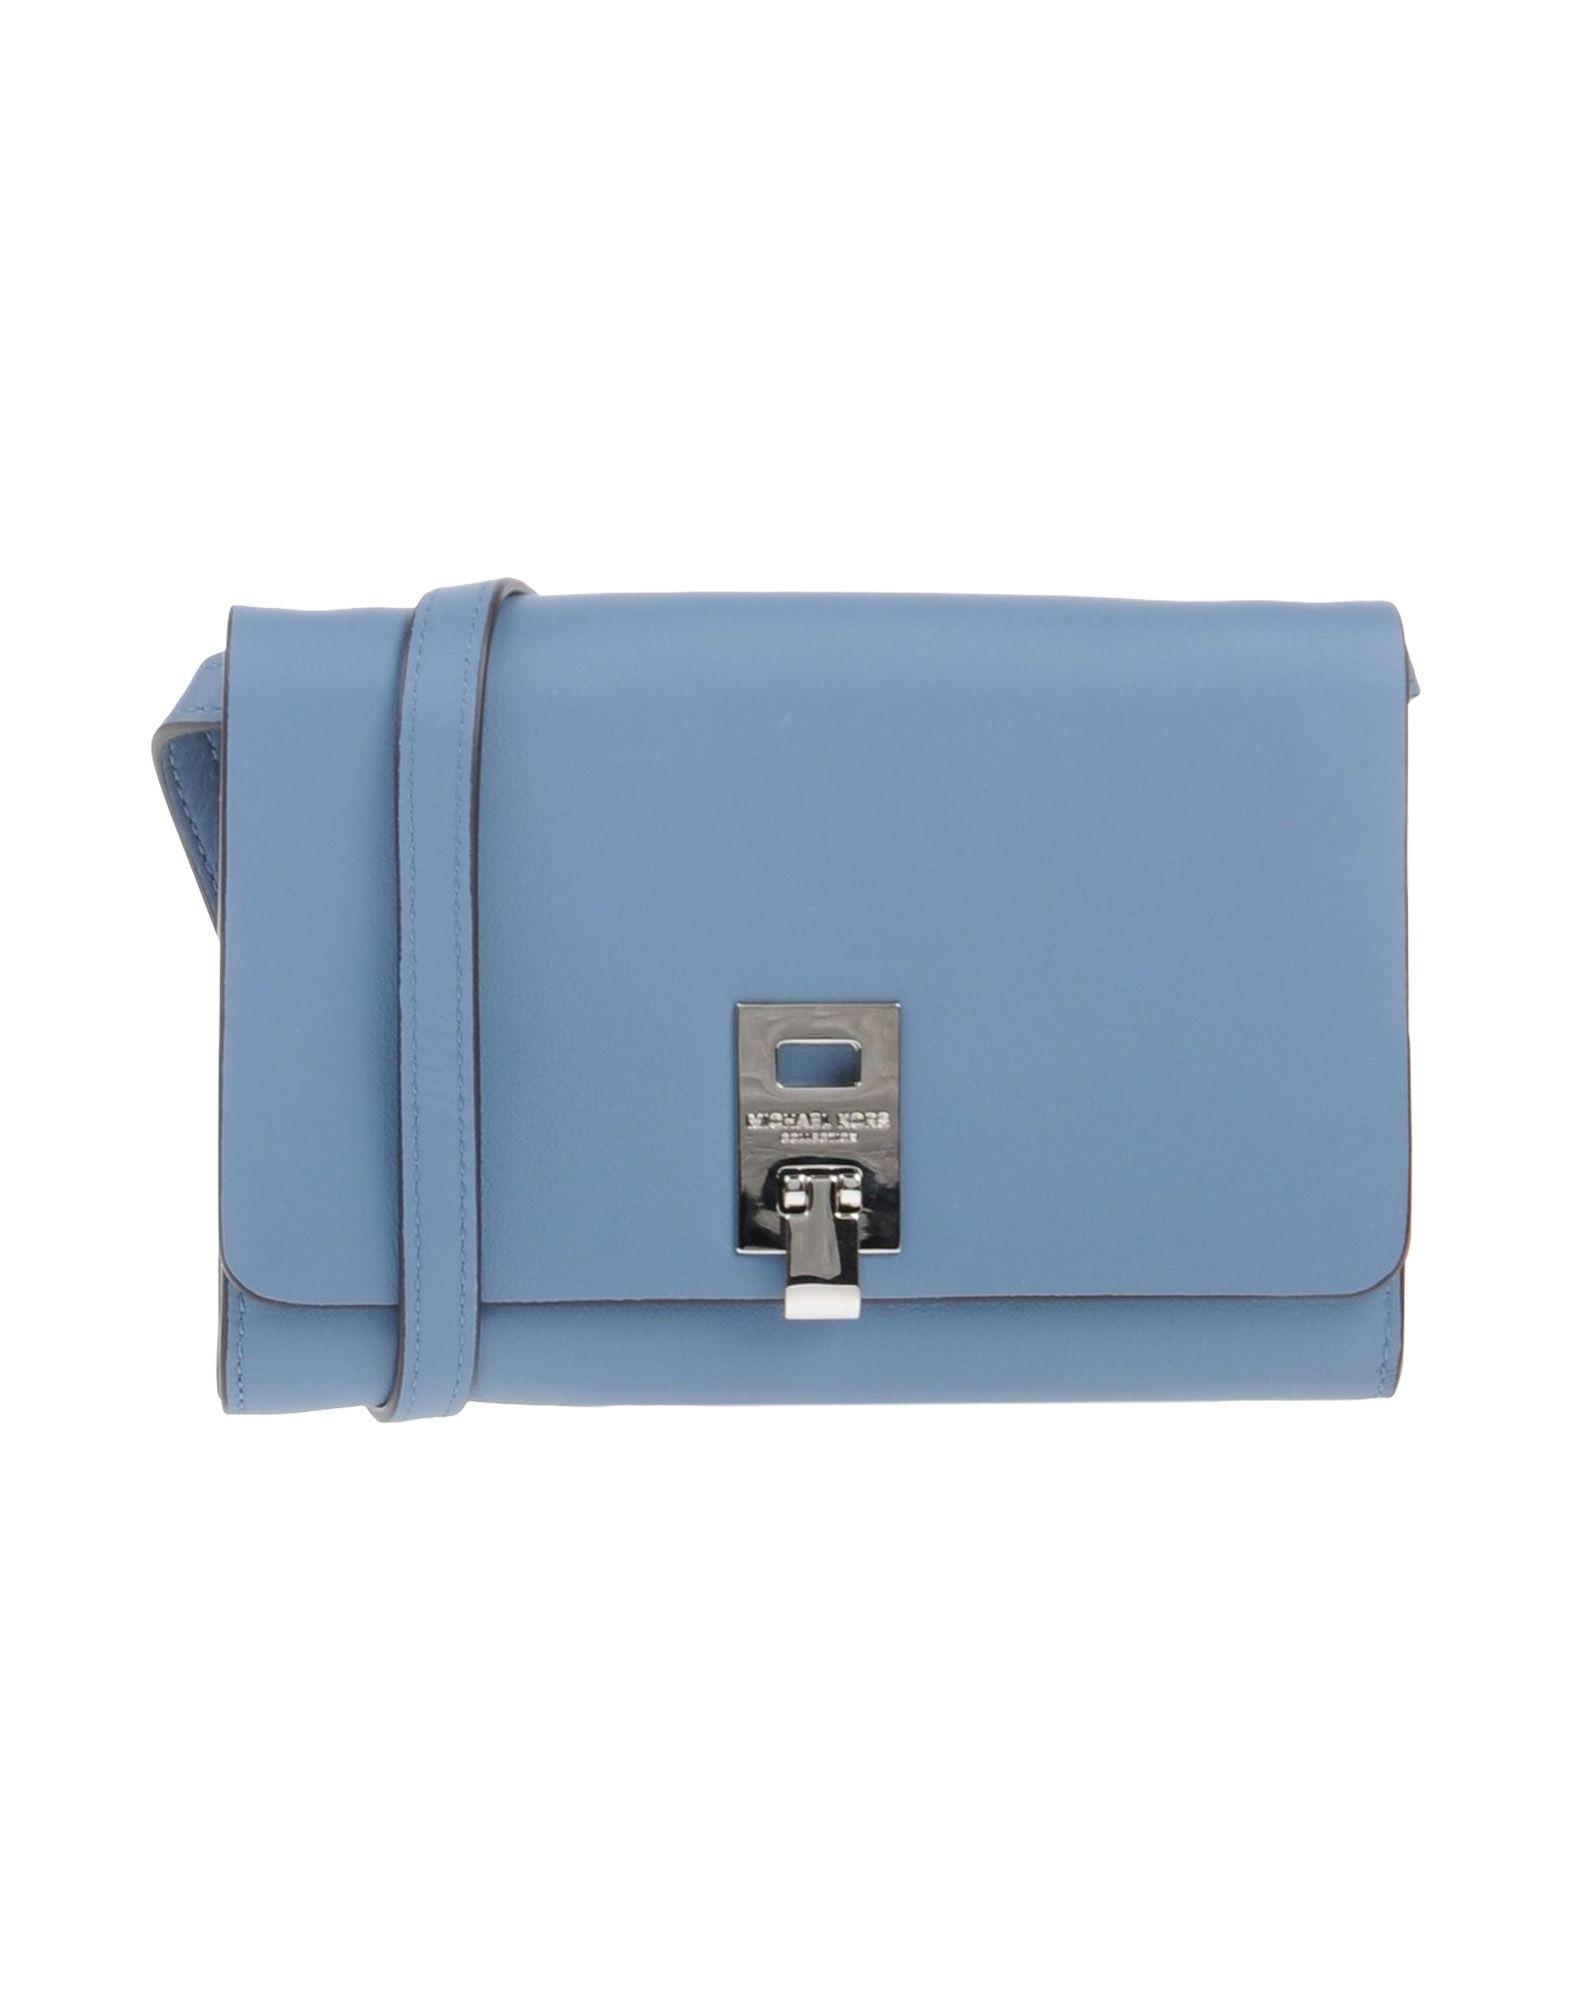 MICHAEL KORS COLLECTION Сумка через плечо michael michael kors сумка портфель ginny среднего размера с фурнитурой в виде звезды с лучами